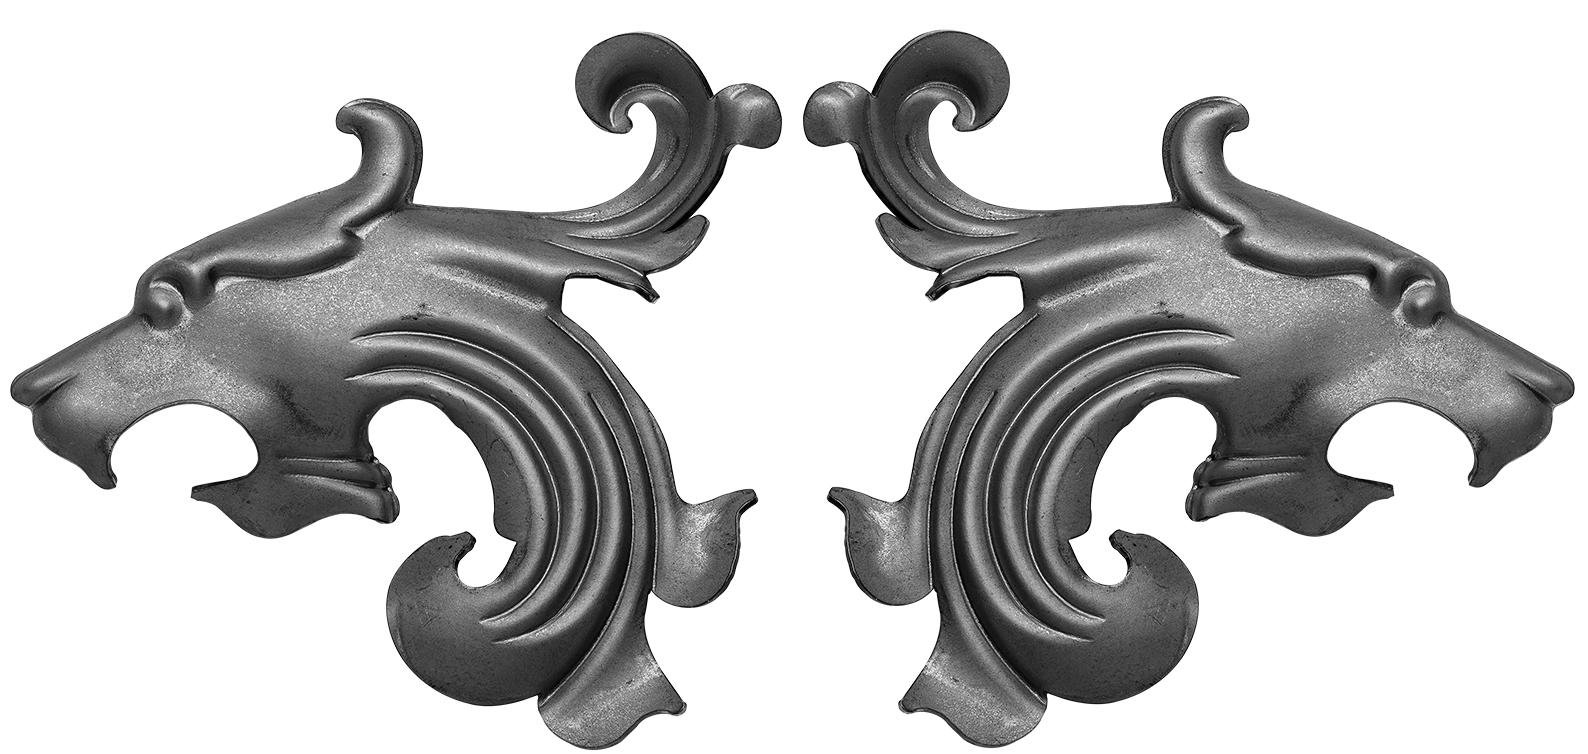 Zaunelement Schmiedeeisen Tore Zaunornament Ornament Zaunbau 014 Kunstschmiede